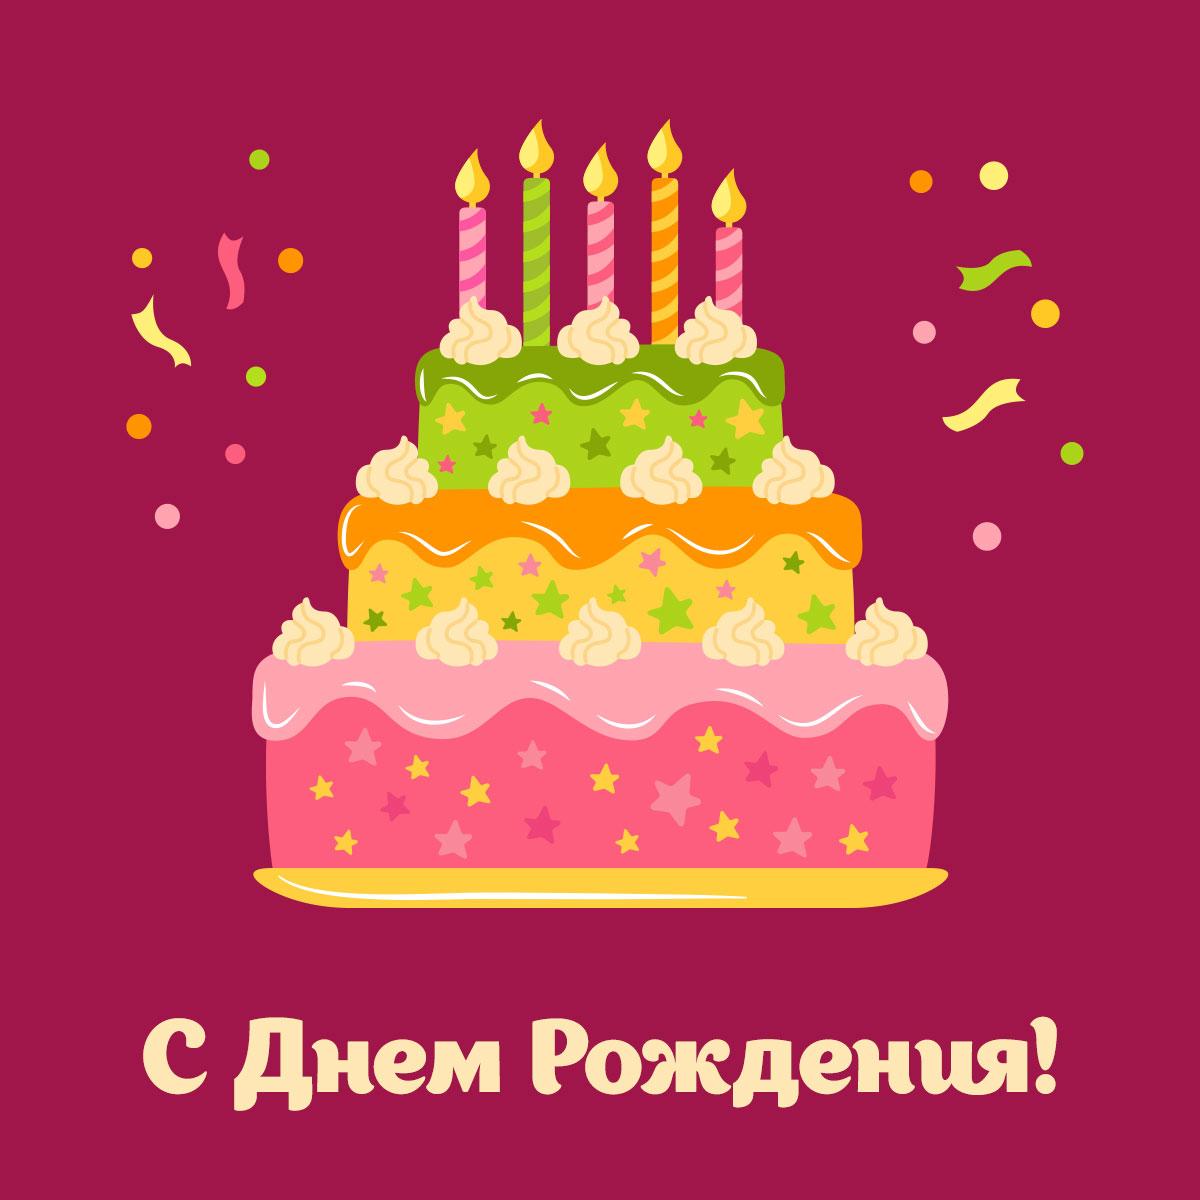 Картинка торт со свечами в глазури - открытка с днем рождения бордового цвета.